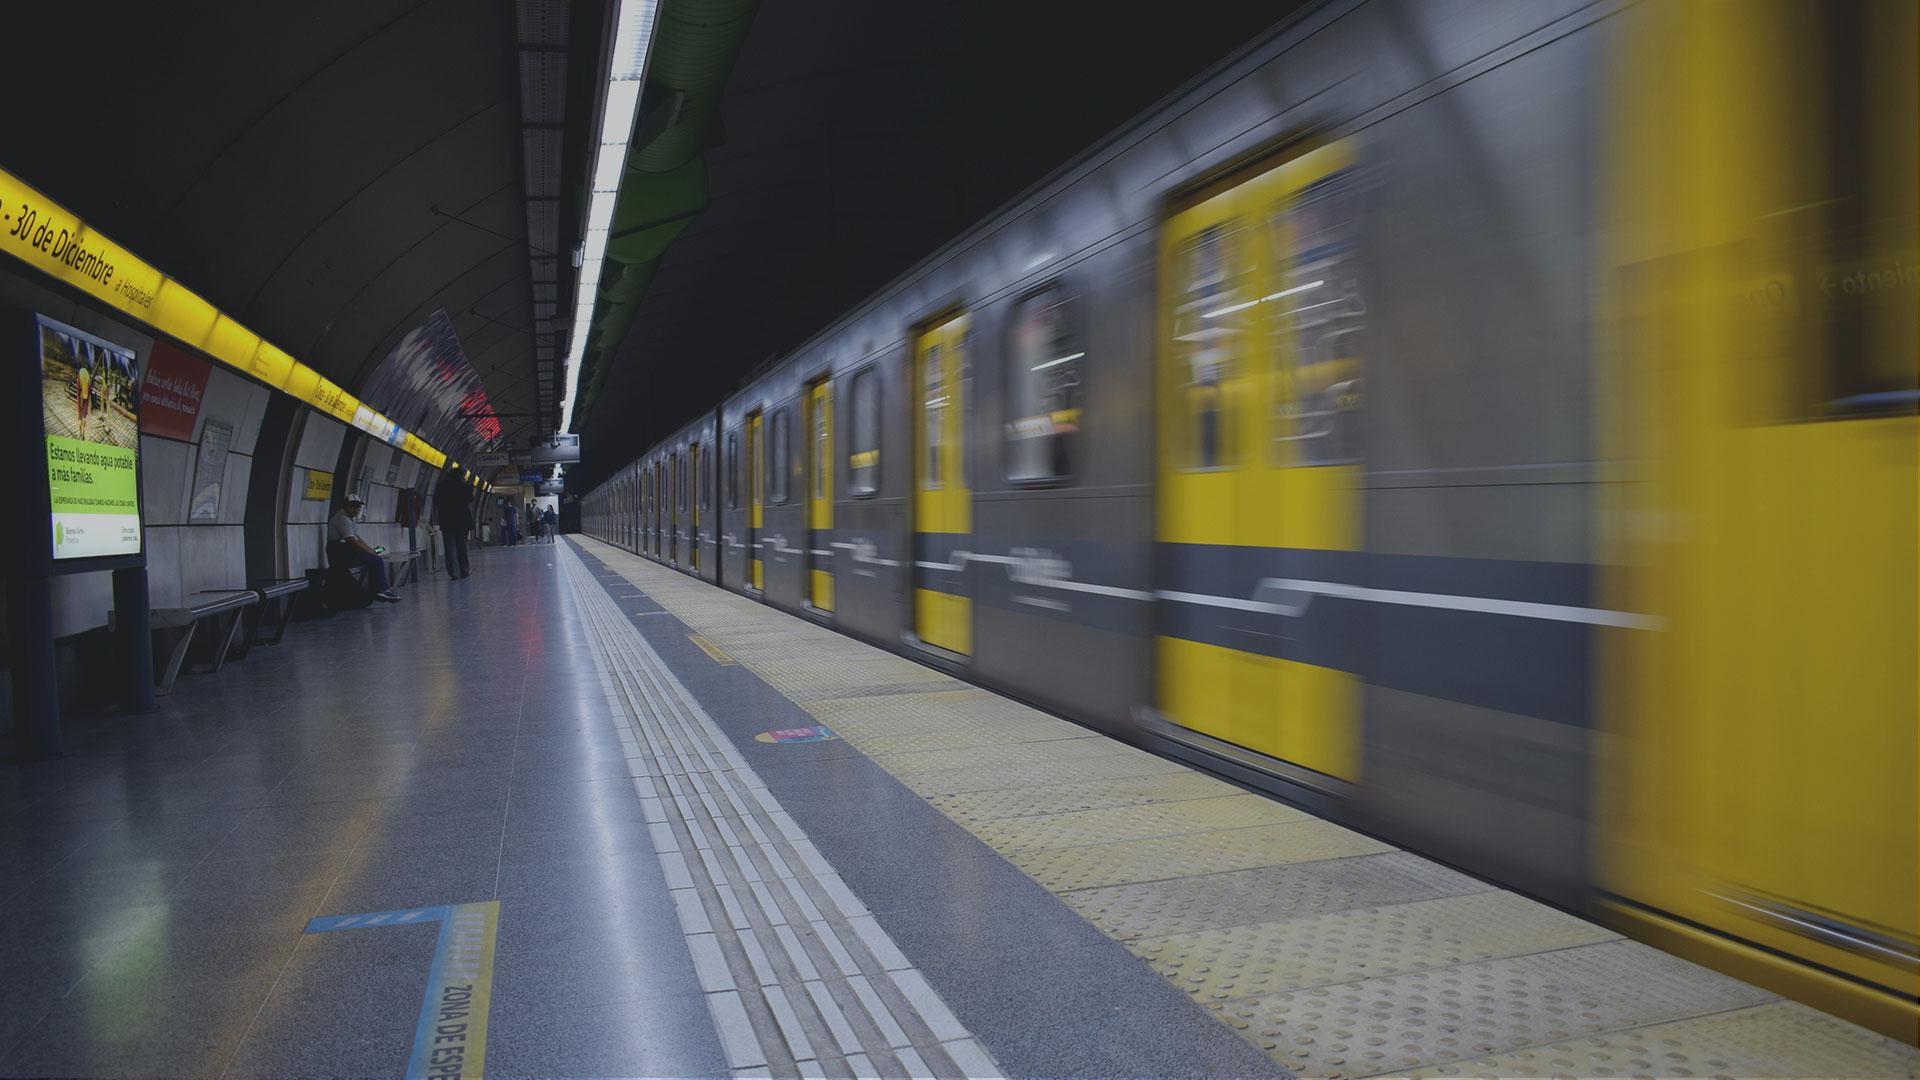 Banco Europeo de Inversiones financiará US$104mn para modernización de transporte público y urbano